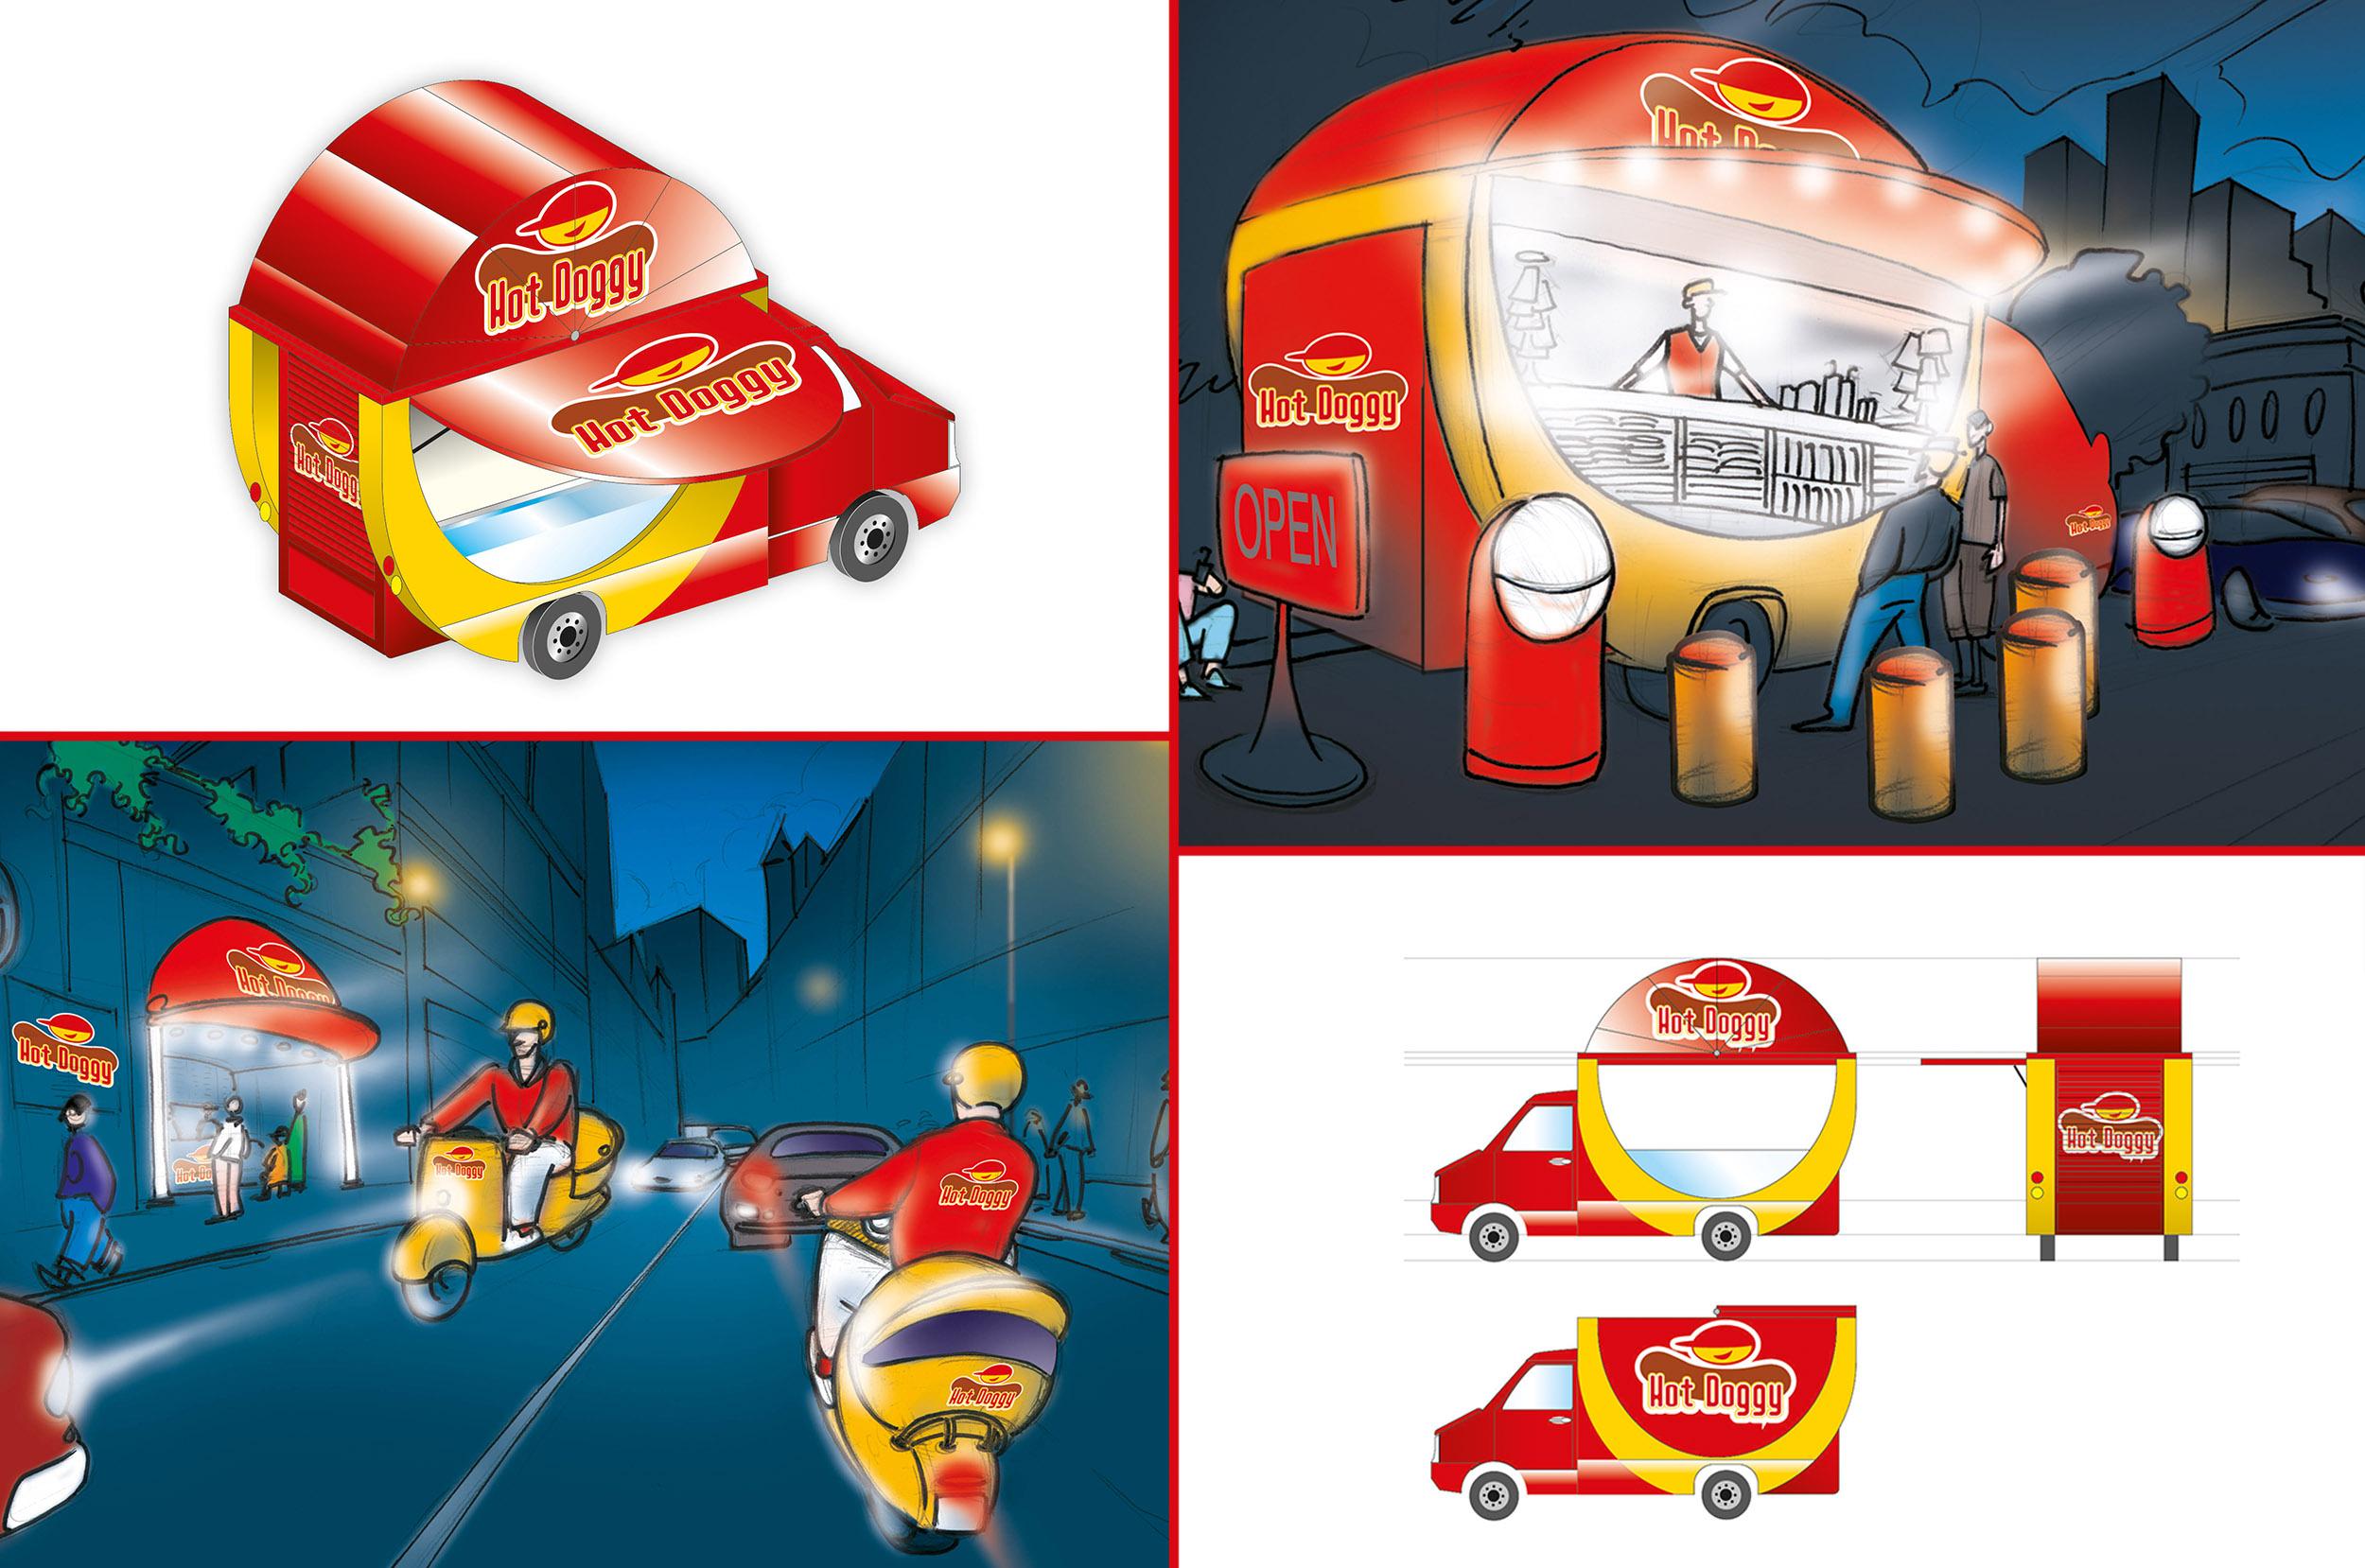 Un nome, un marchio, uno store e non solo. Un progetto giovane e dinamico, che da fast food diventa anche street food. L'hot dog, lo street food per eccellenza, parte da Milano per conquistare un po' tutta l'Italia.